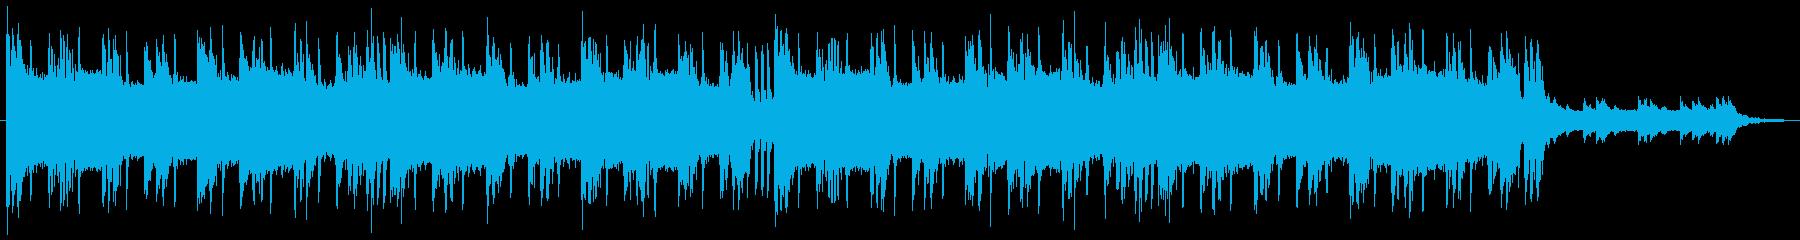 大会エンディングヒップホップ弦無し60秒の再生済みの波形